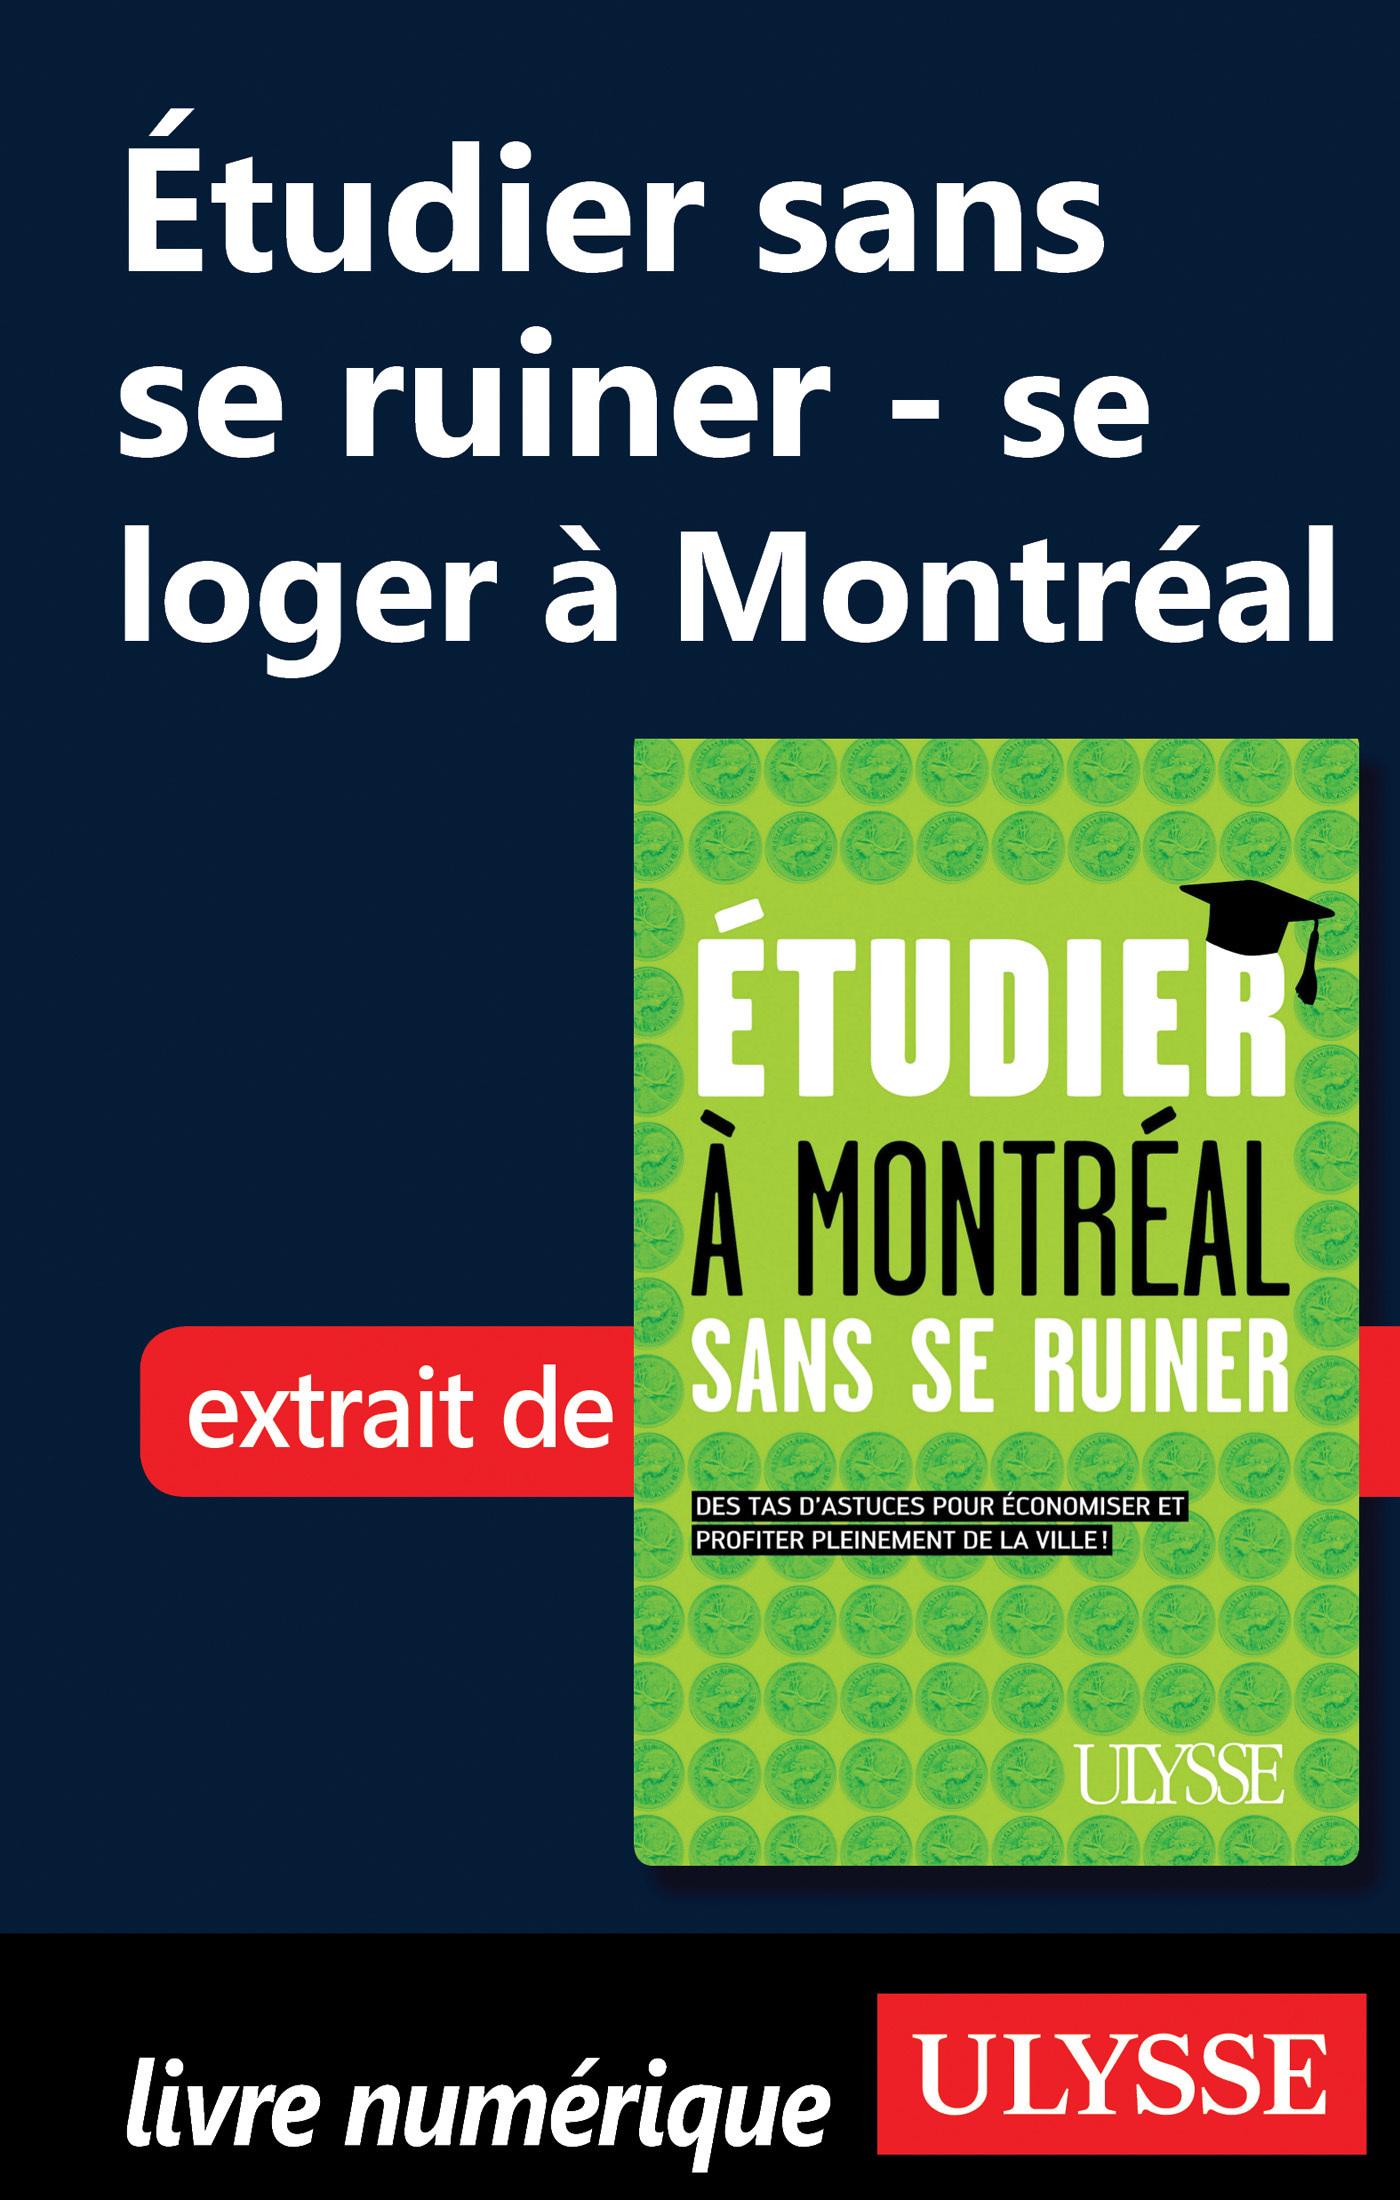 Etudier à montréal sans se ruiner : se loger à Montréal (ebook)